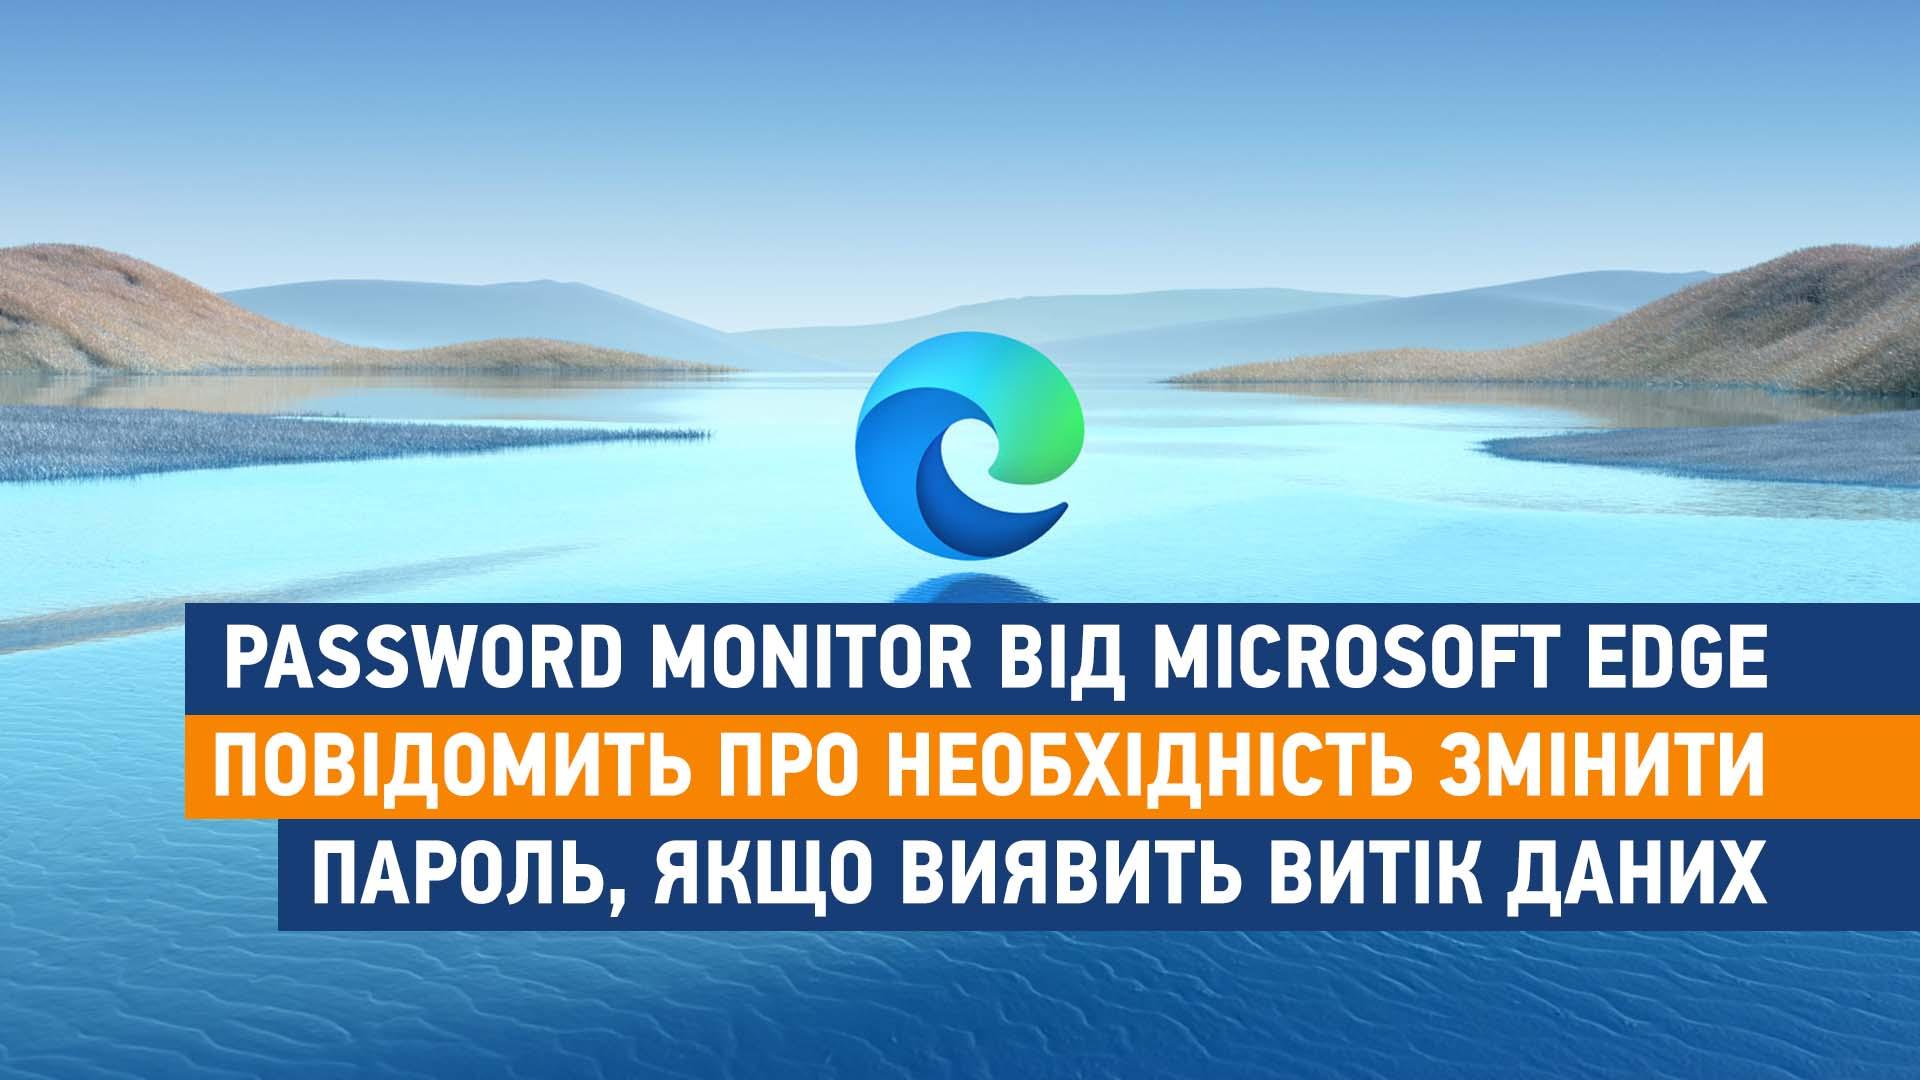 Microsoft Edge тепер сповіщатиме своїх користувачів про викрадені паролі - браузер, Microsoft, Google Chrome - shablon poglyad site